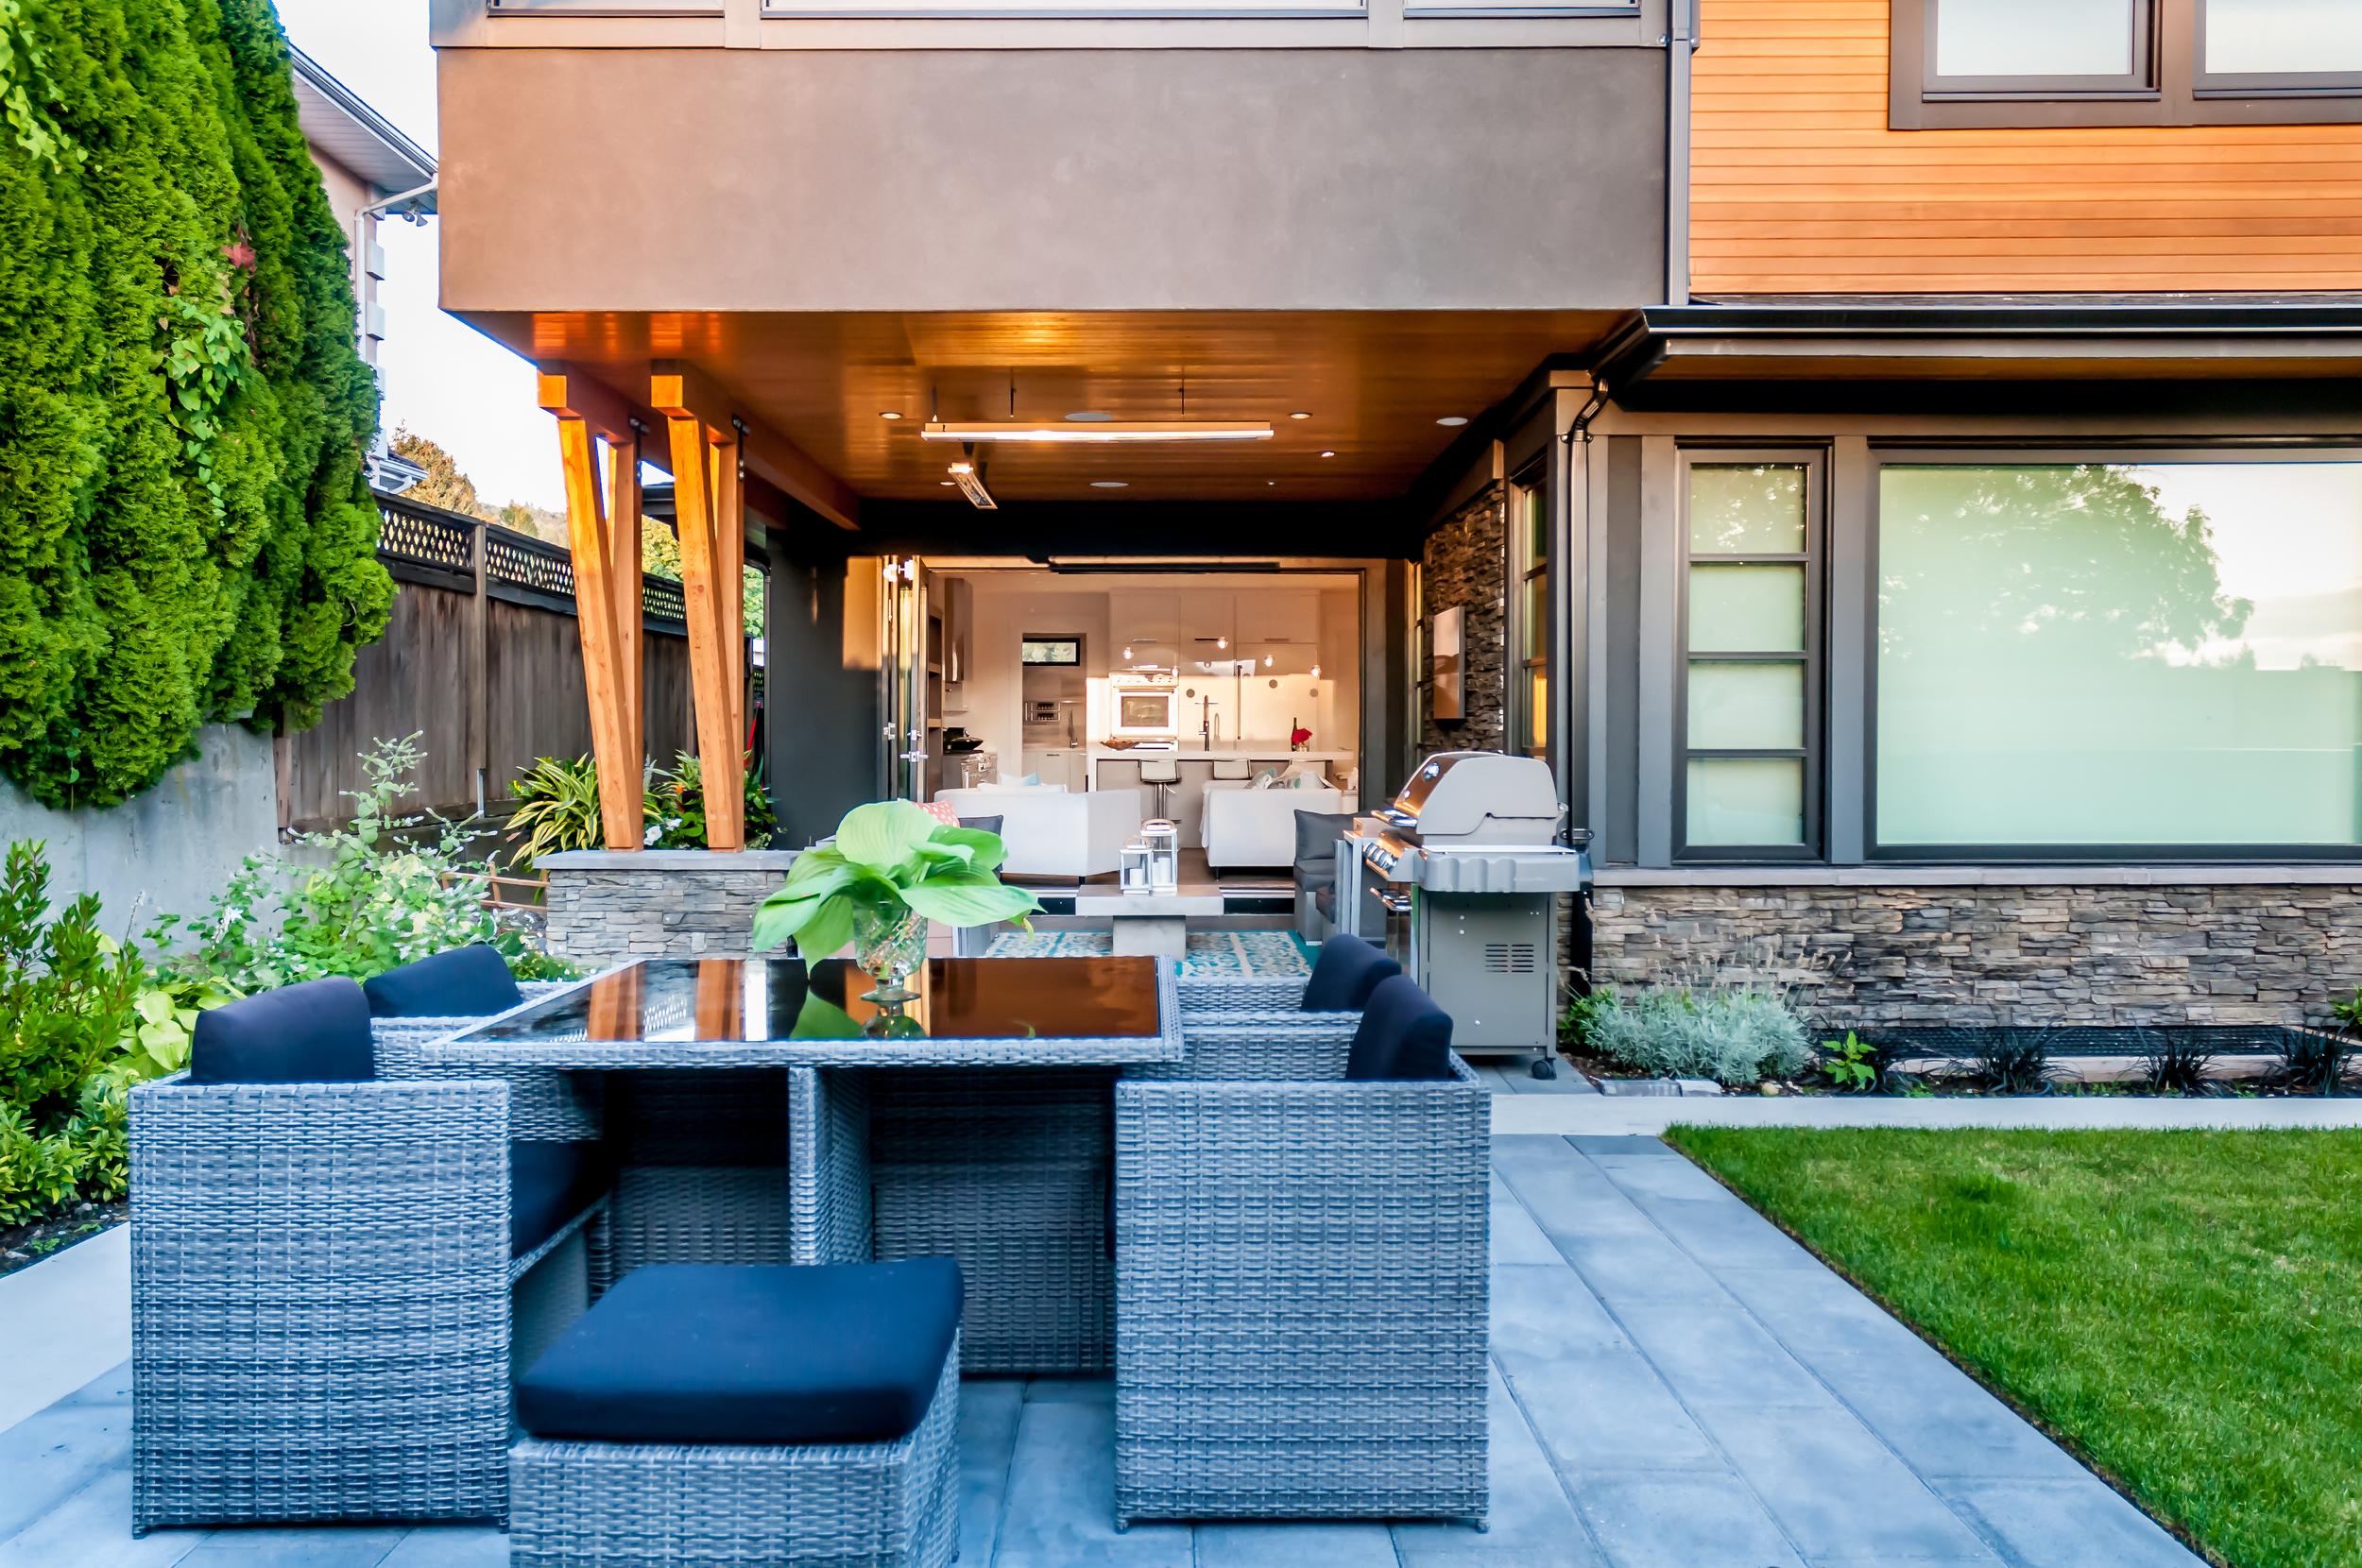 15 - Blaine_House_22_Outdoor_Deck.jpg